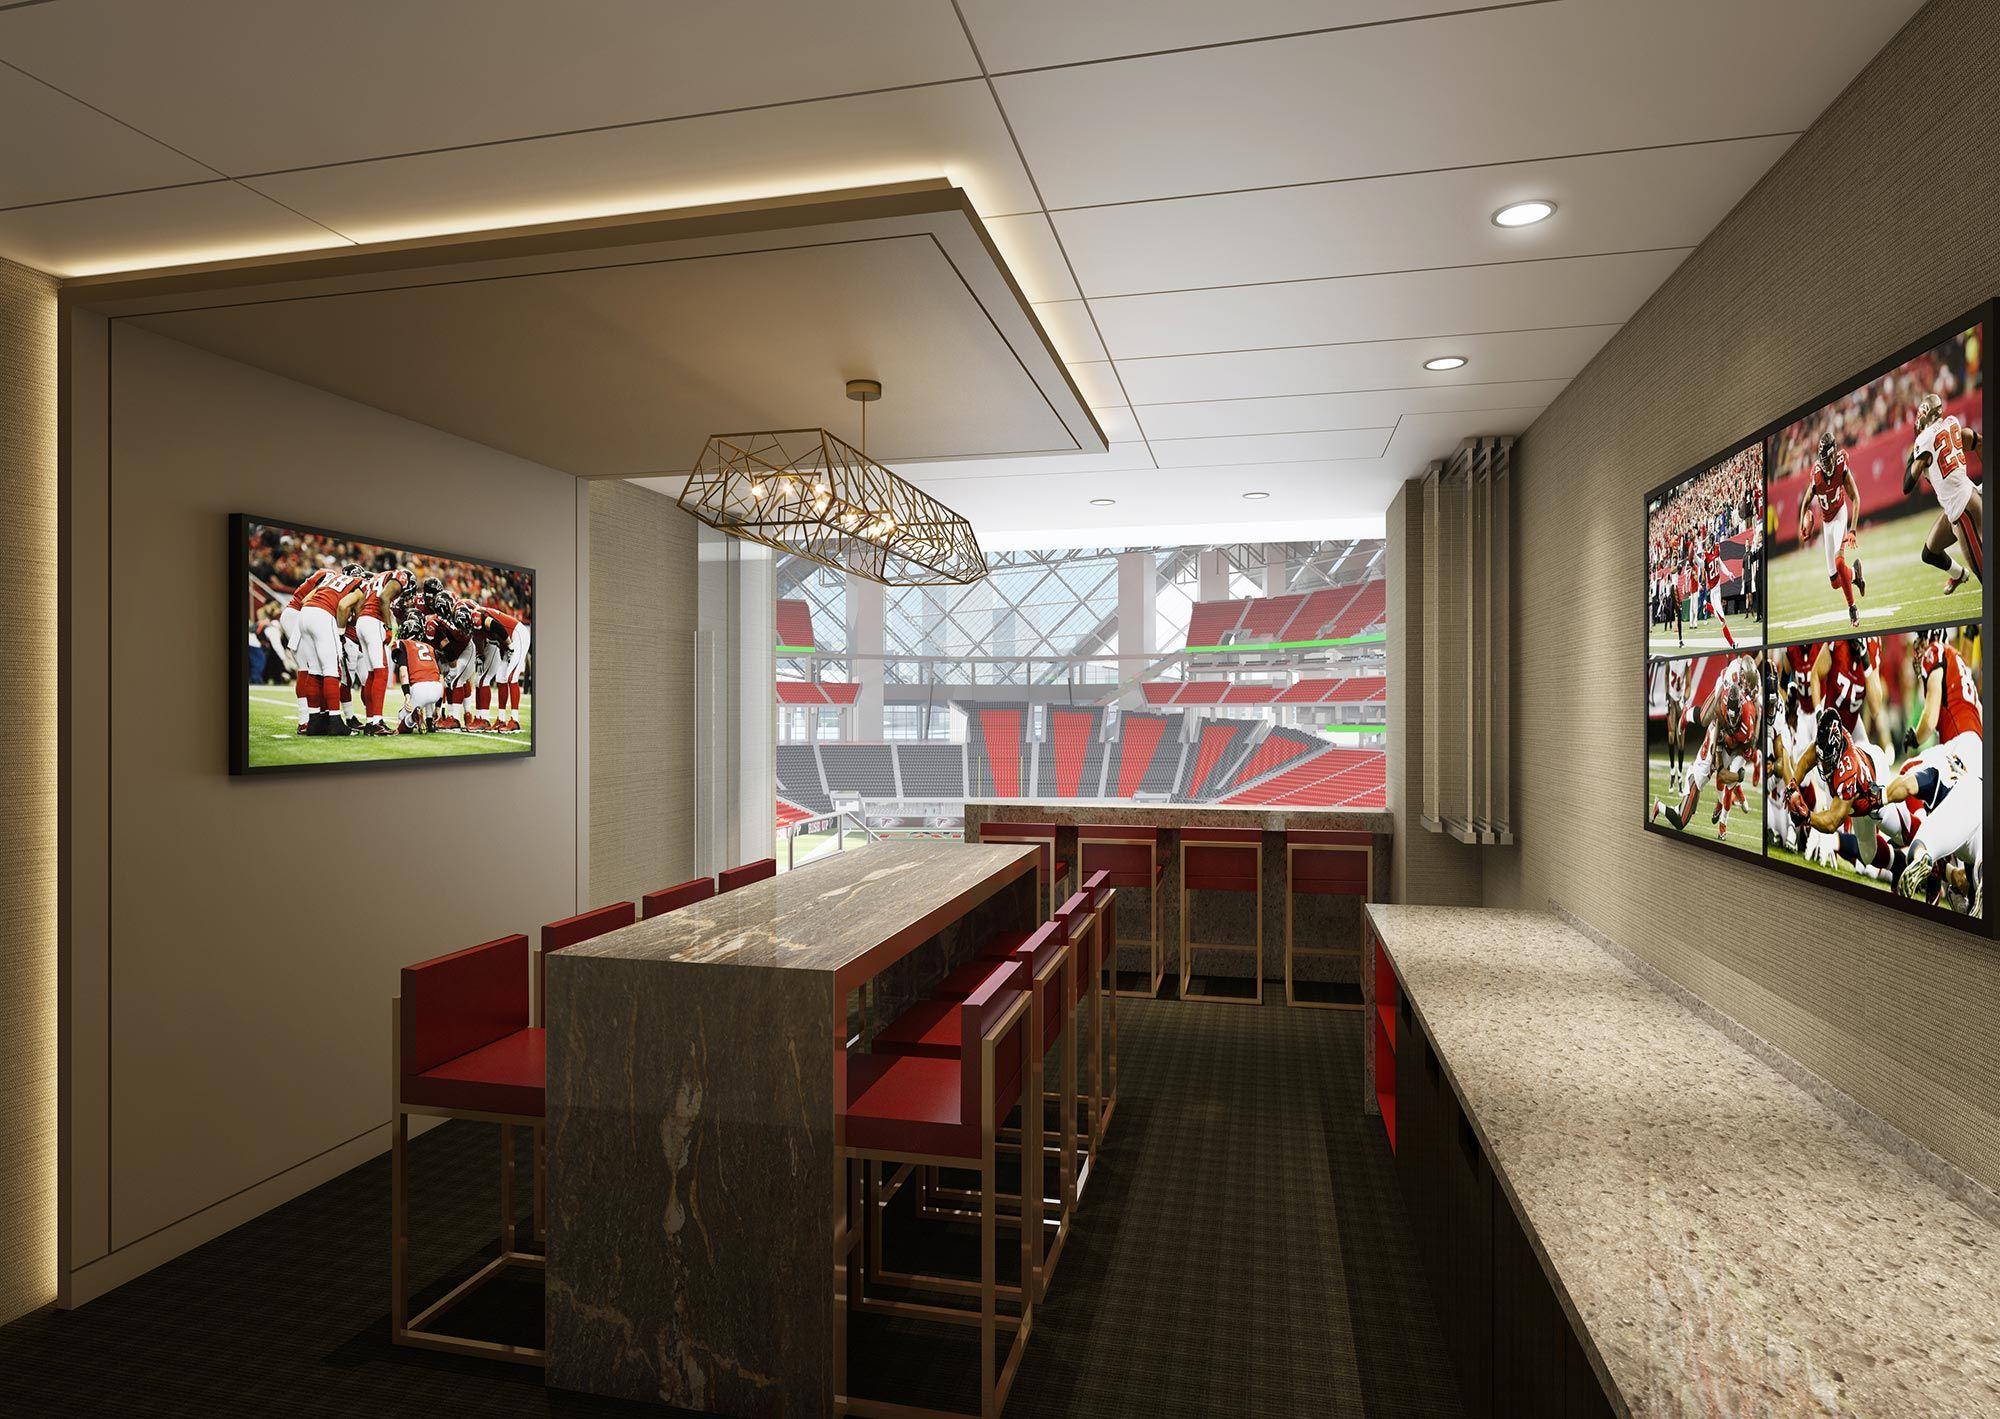 Executive Suite Facing Field Jpg 2000 1419 Stadium Design Vip